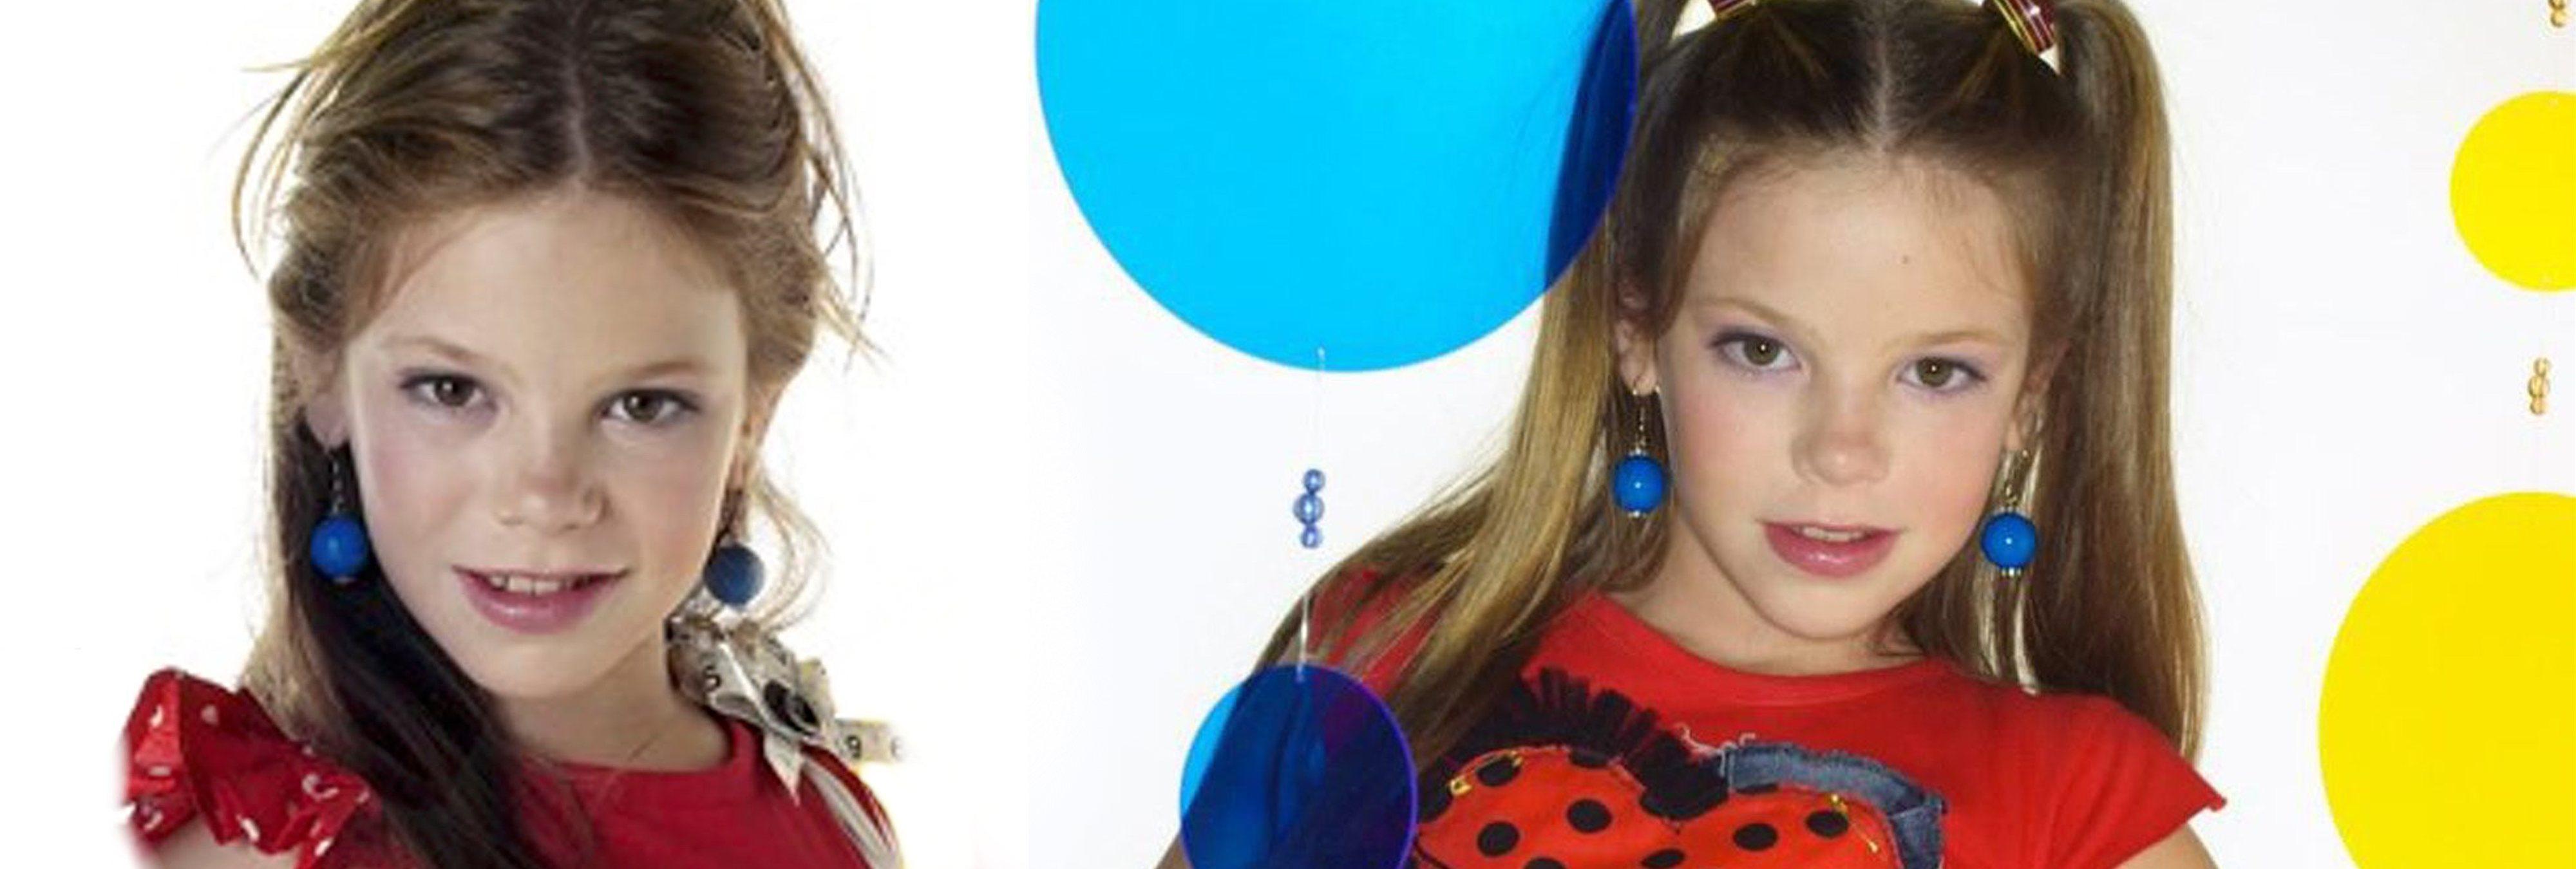 El increíble cambio de María Isabel: de Eurovisión Junior a ser la nueva Kim Kardashian